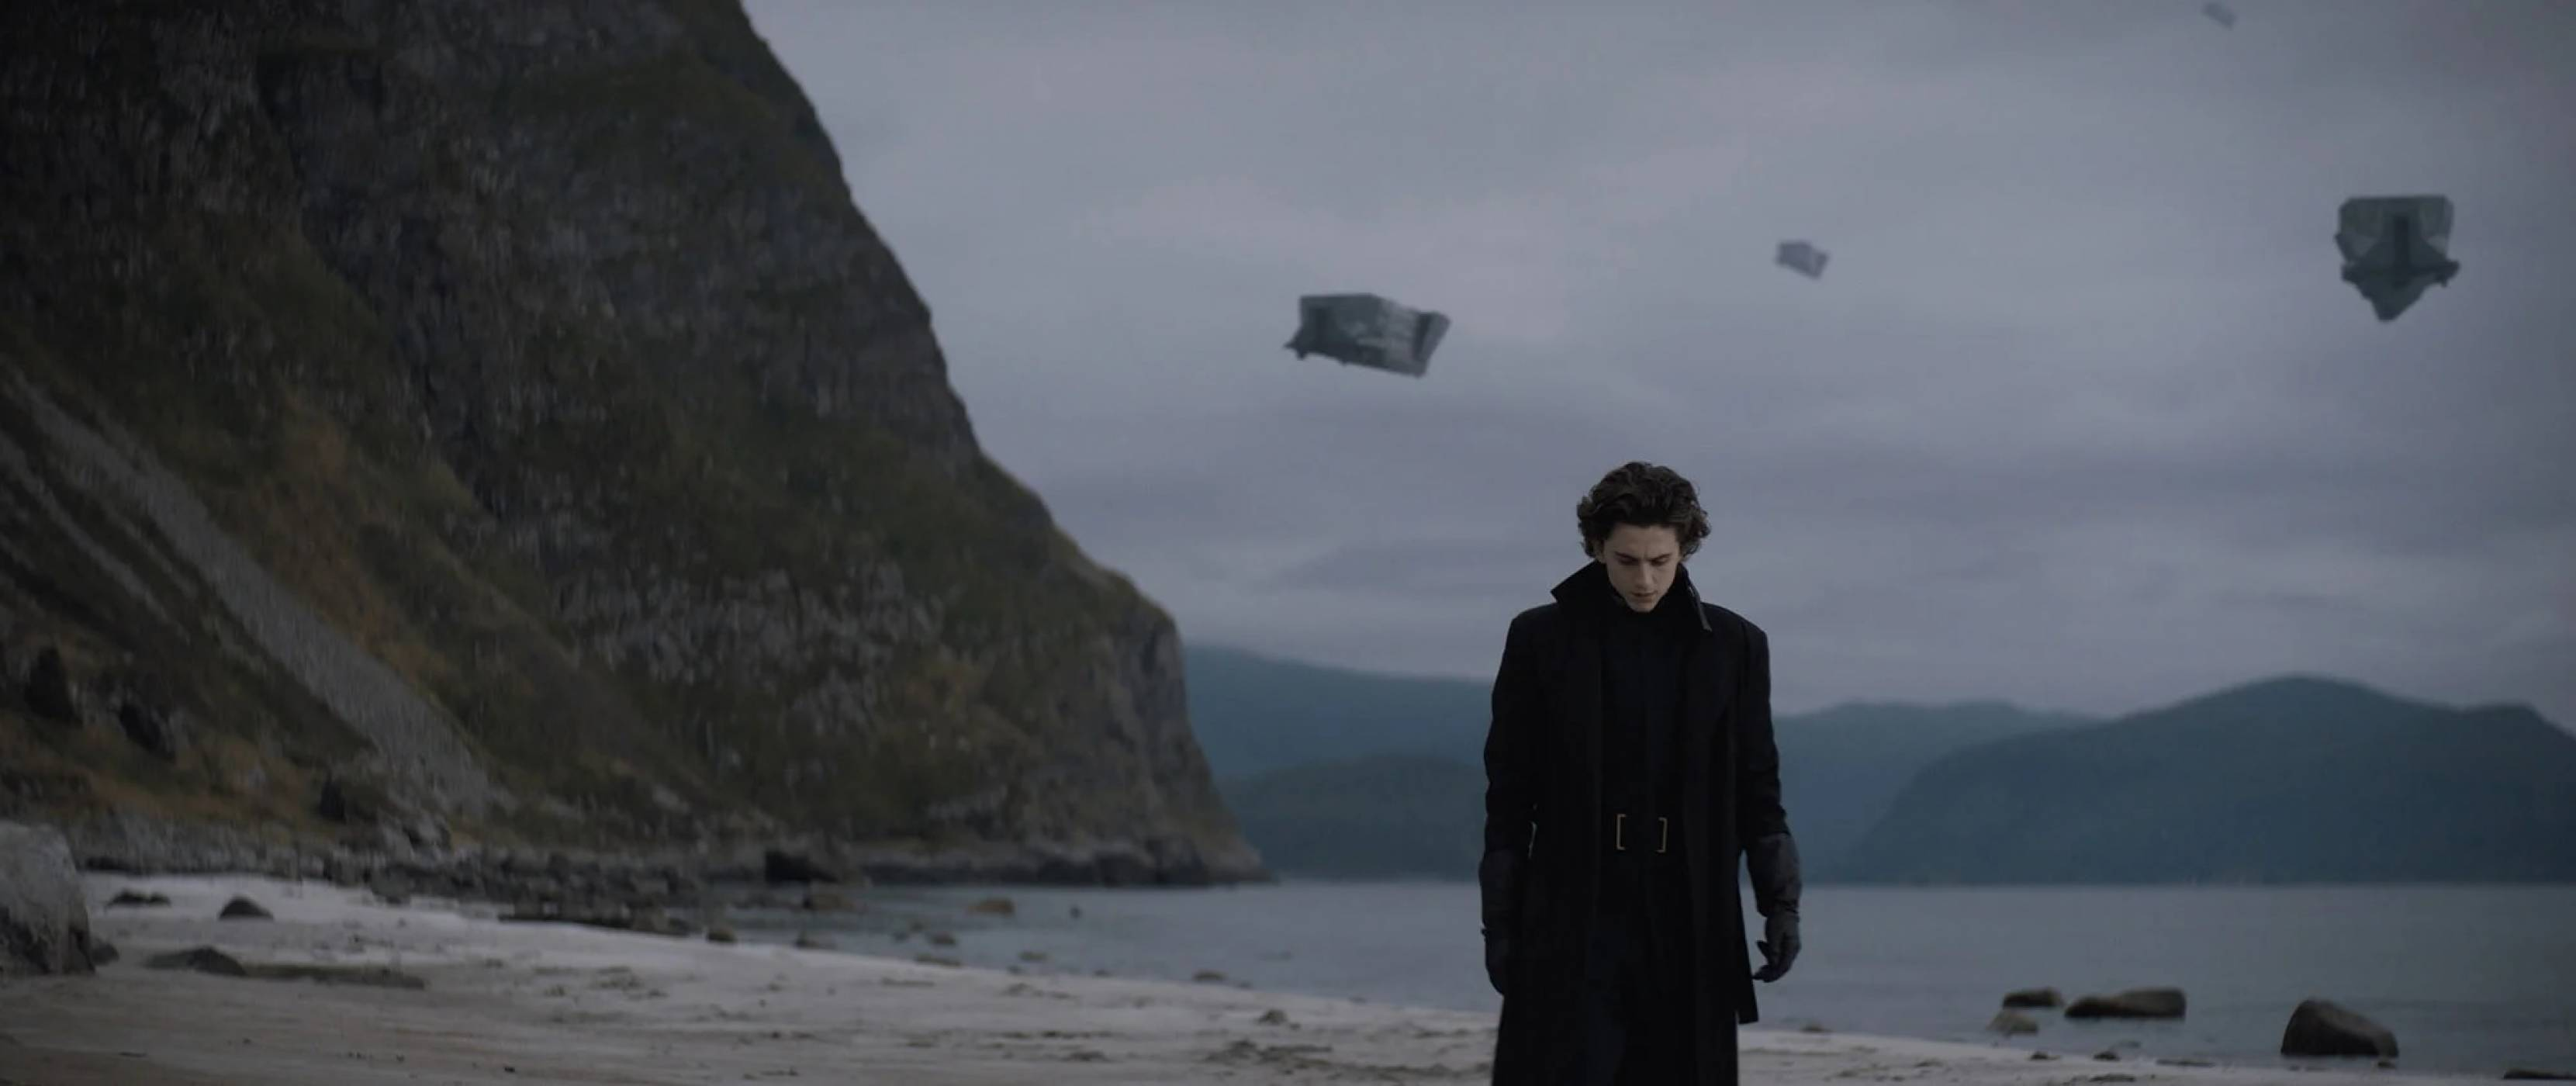 Снимки от Dune ни дават надежда за най-добрата адаптация на класиката